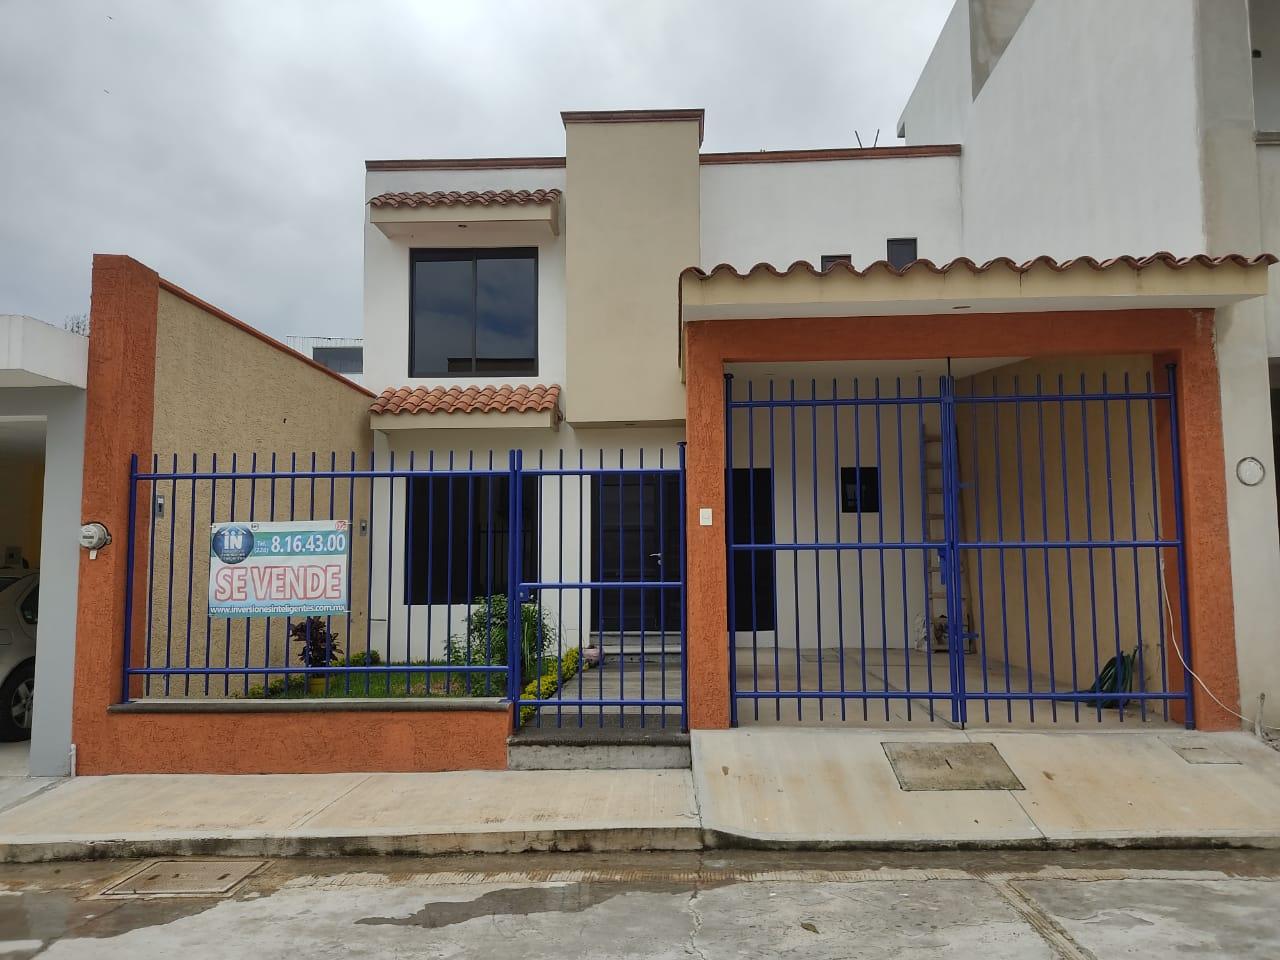 CASA EN VENTA EN COATEPEC, FRACC. PRIVADO CON SALIDA A XALAPA (COCA COLA) 3 REC Y JARDIN